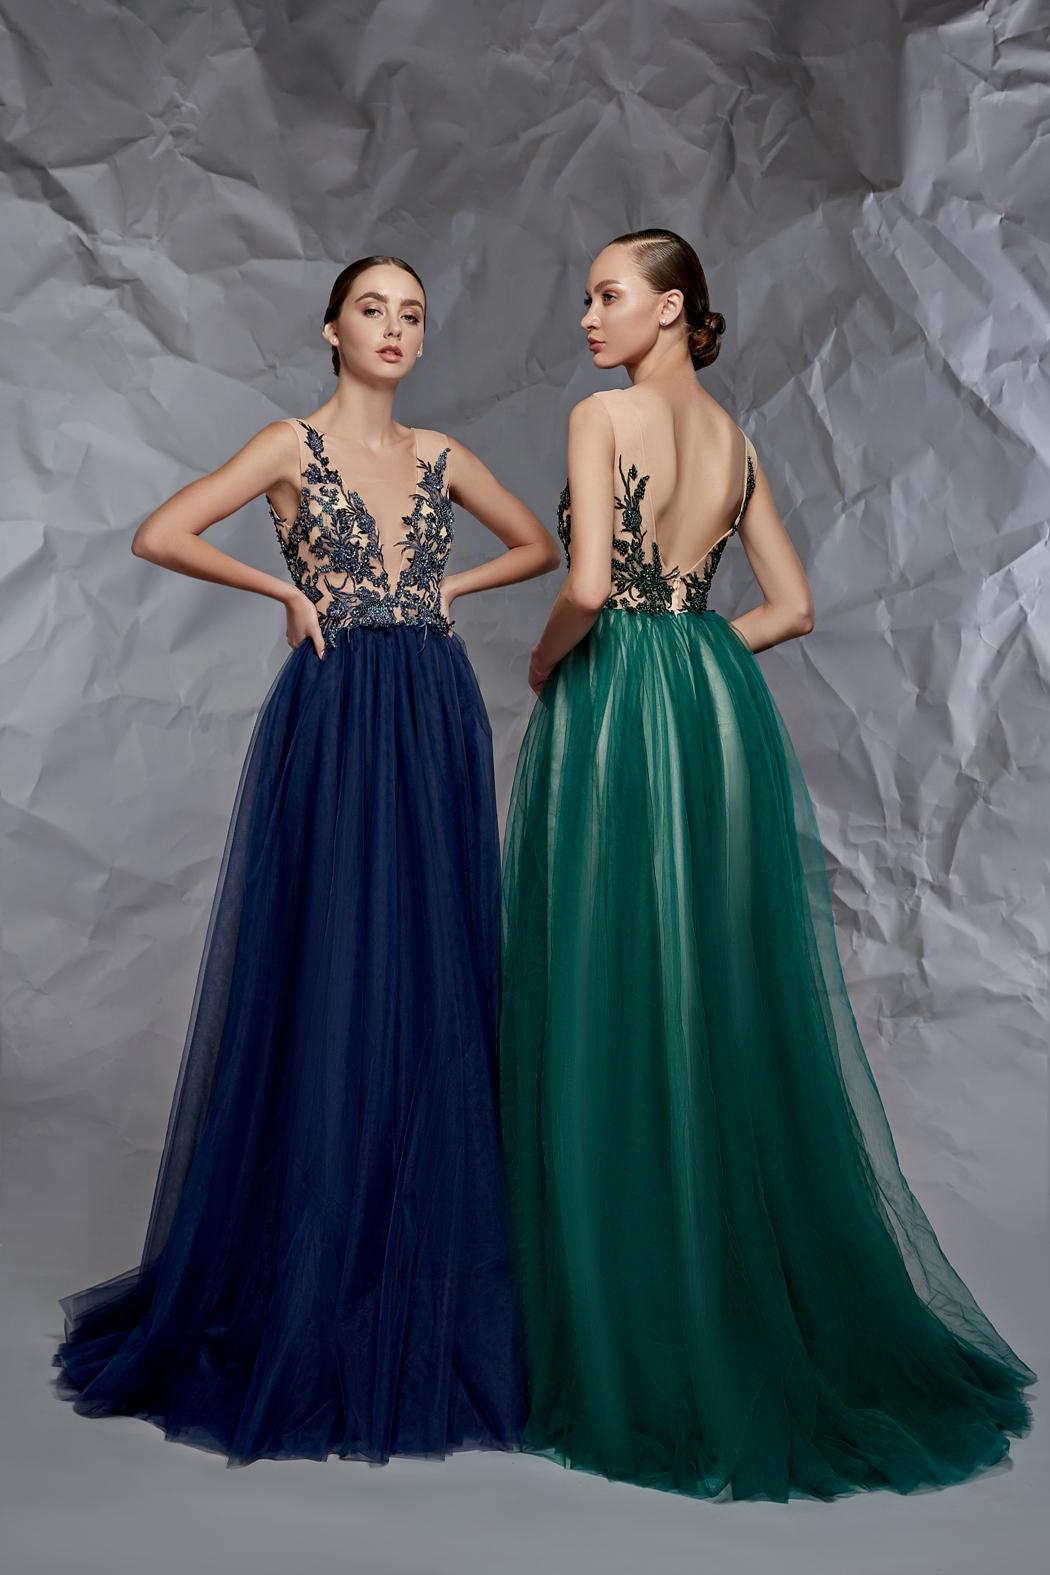 вечернее платье Nastia_(1).1800x1800w